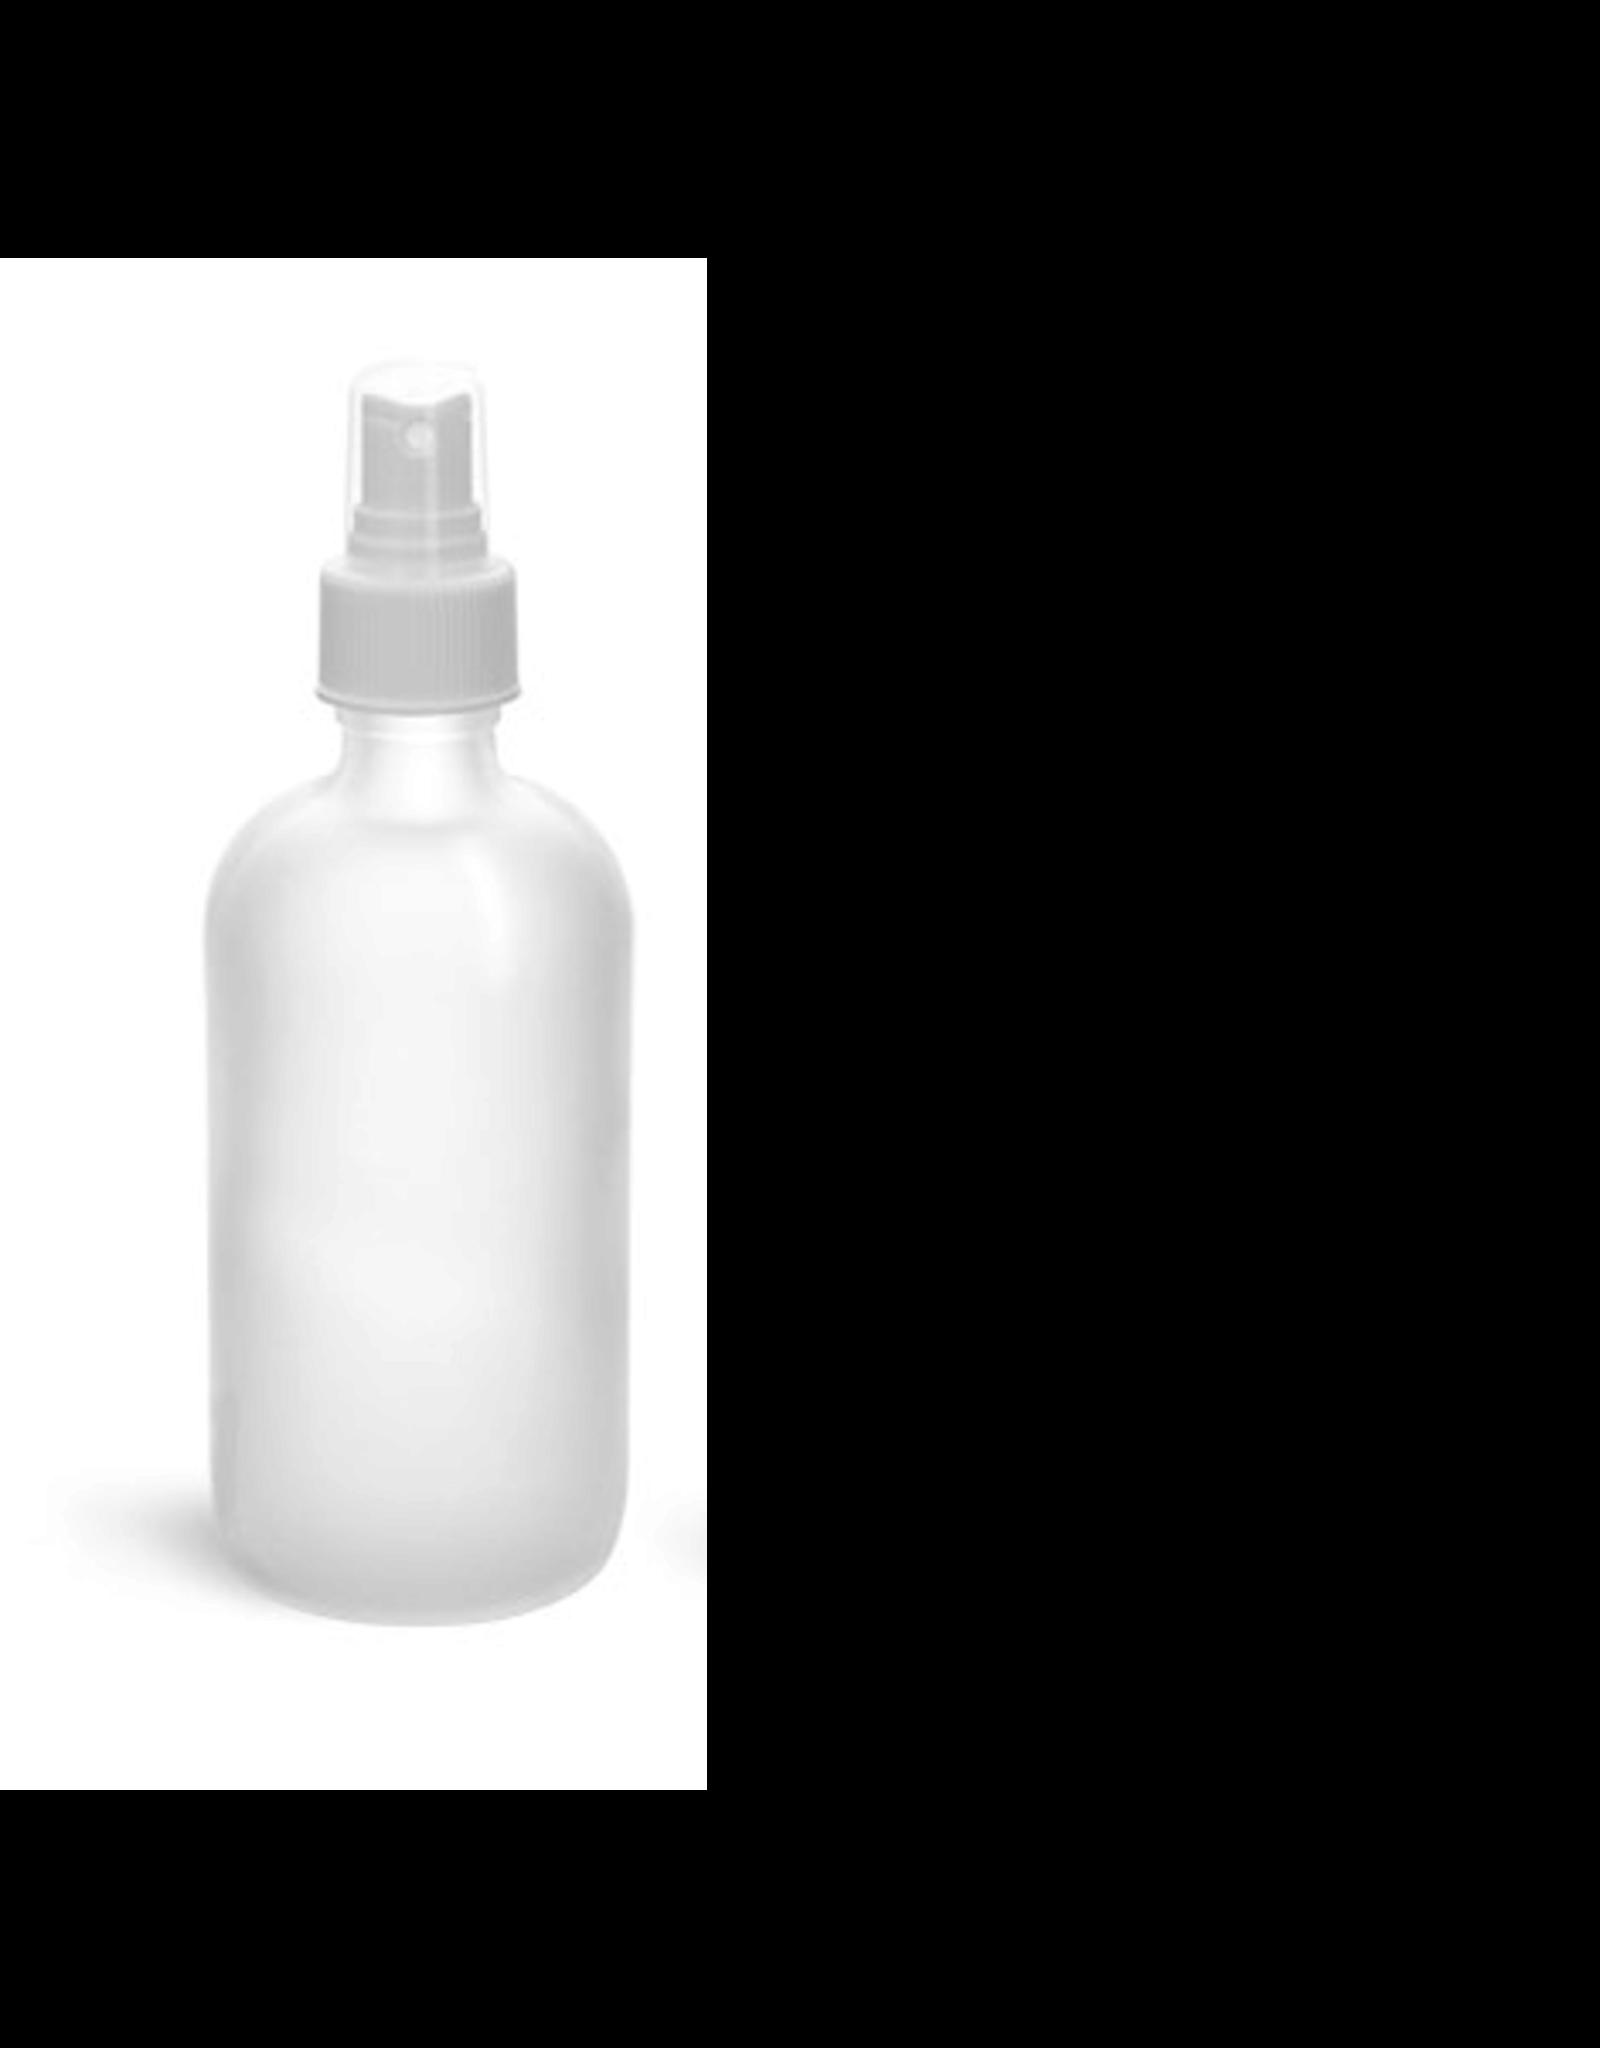 Garden City Essentials 8 oz Glass Sprayer - Frosted